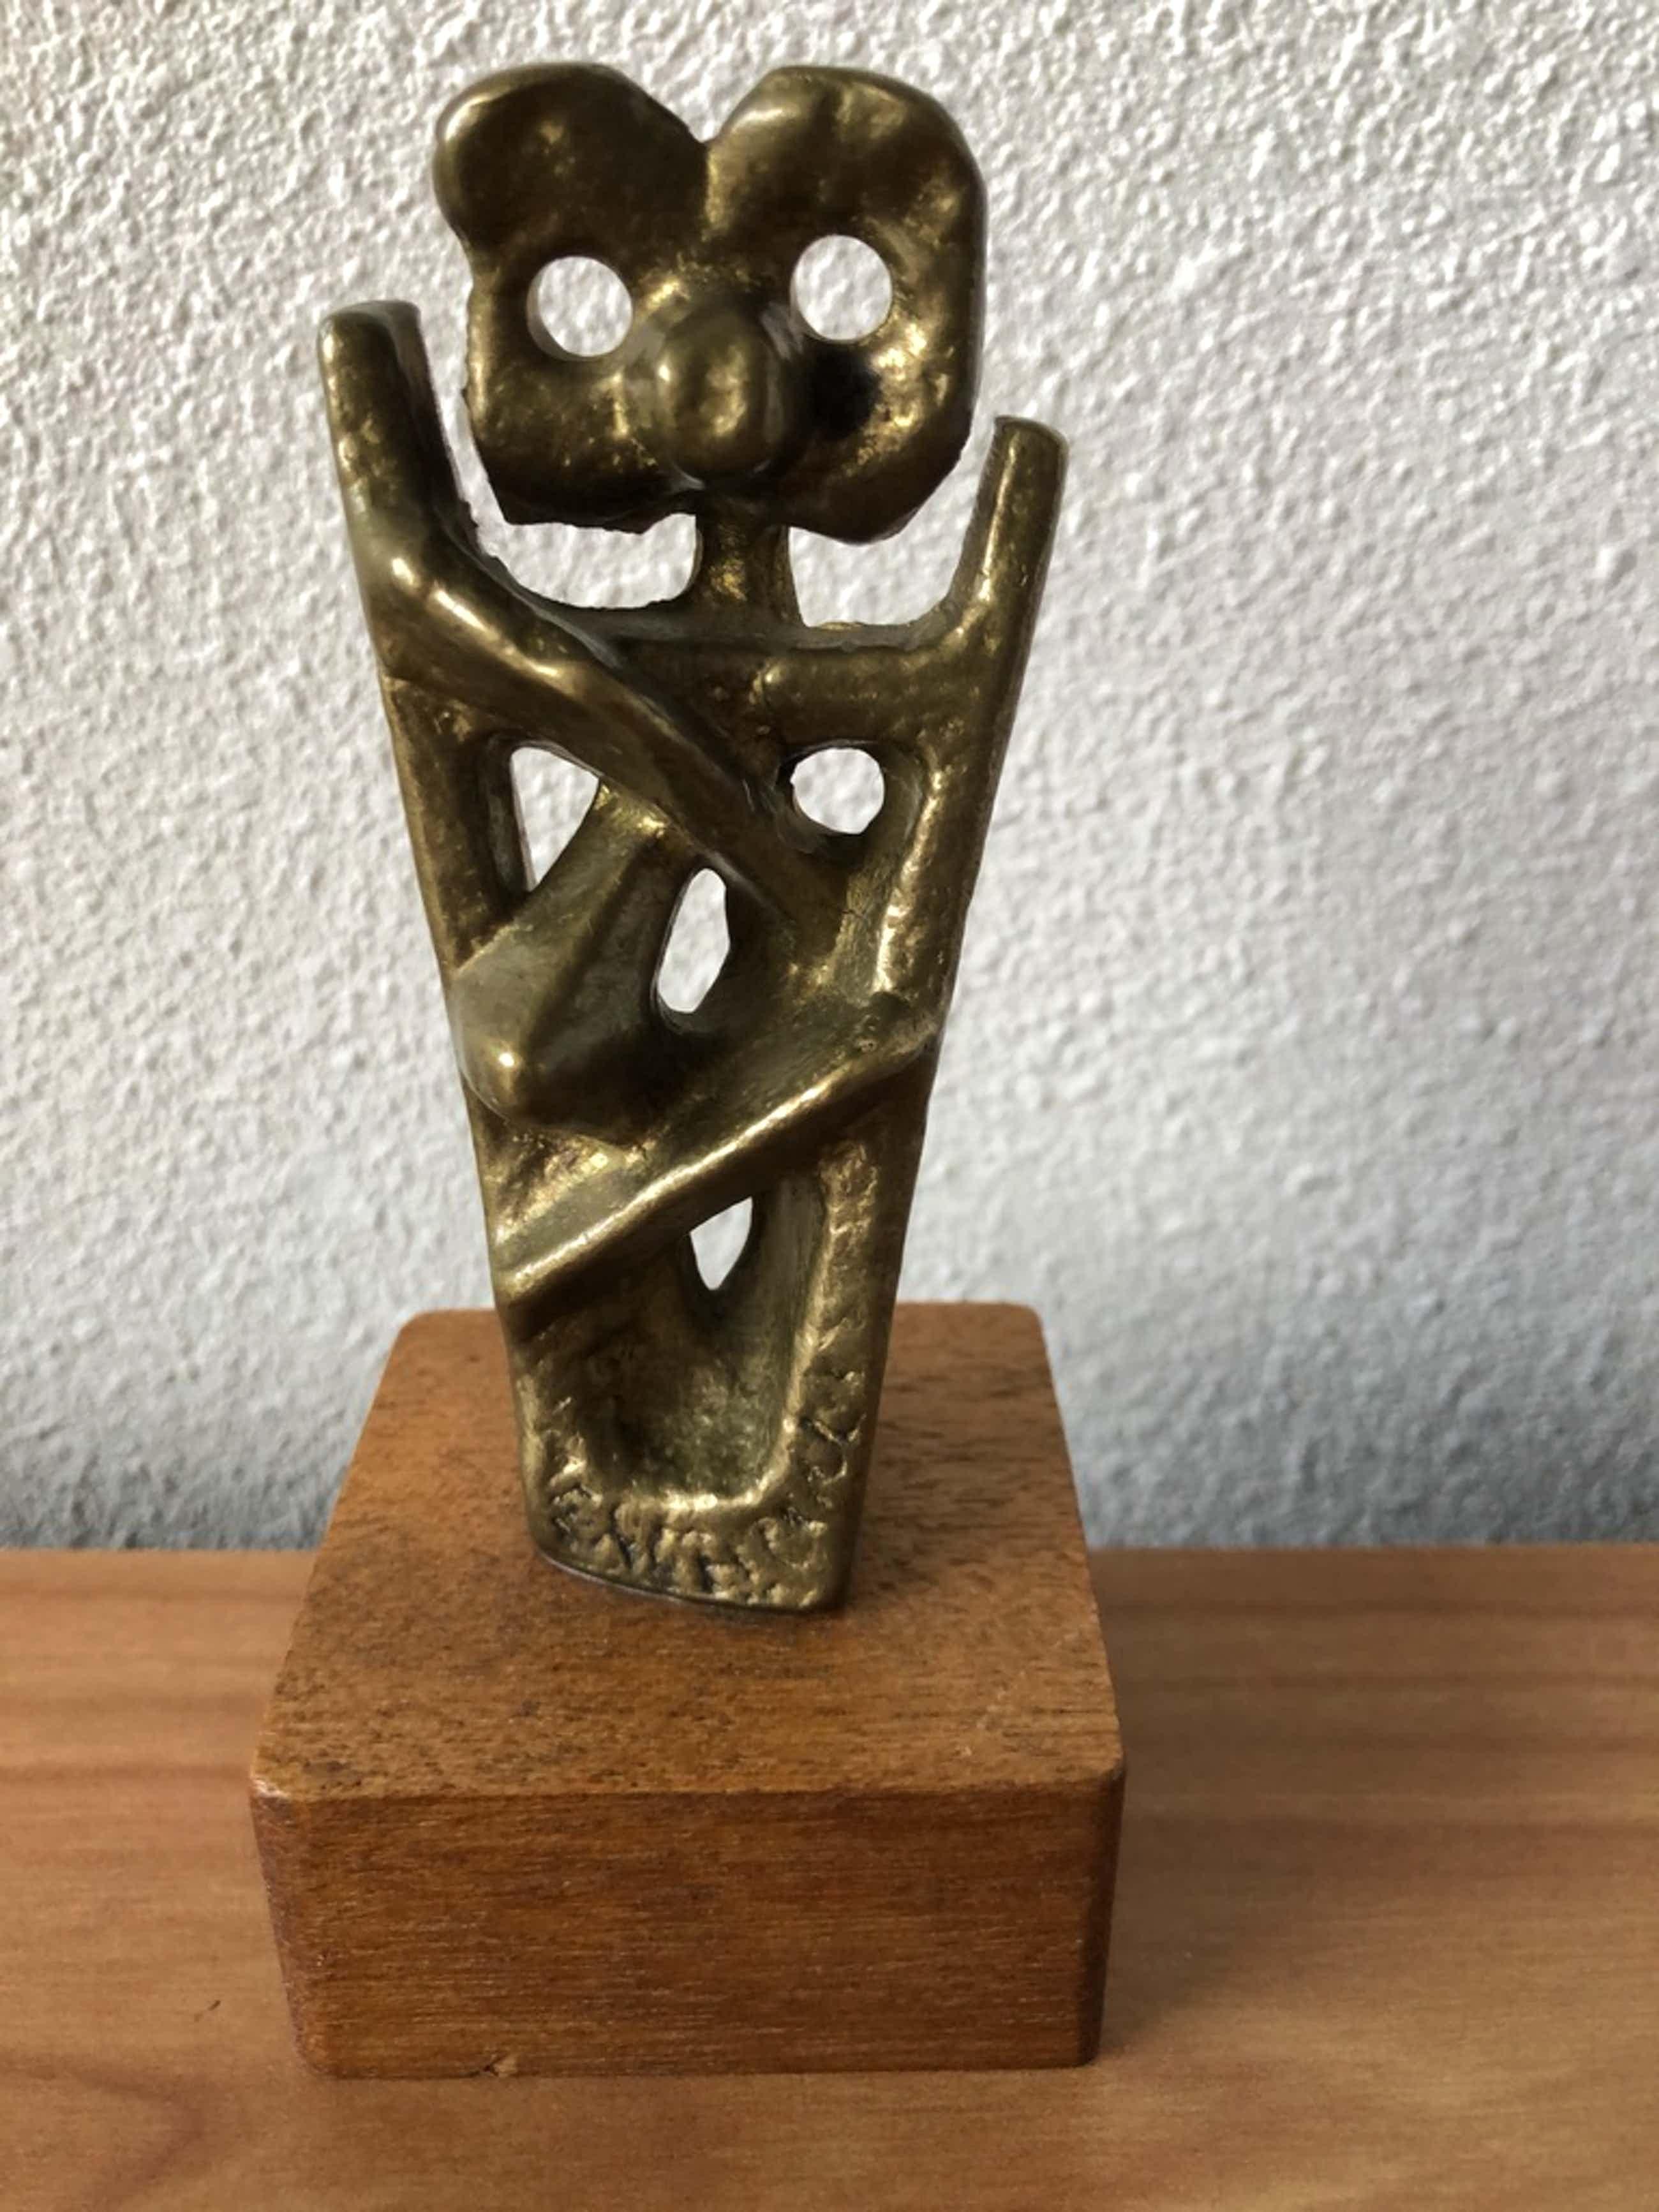 Thomas Rodr - Massief bronzen beeld Mendelmonument Haarlem kopen? Bied vanaf 50!